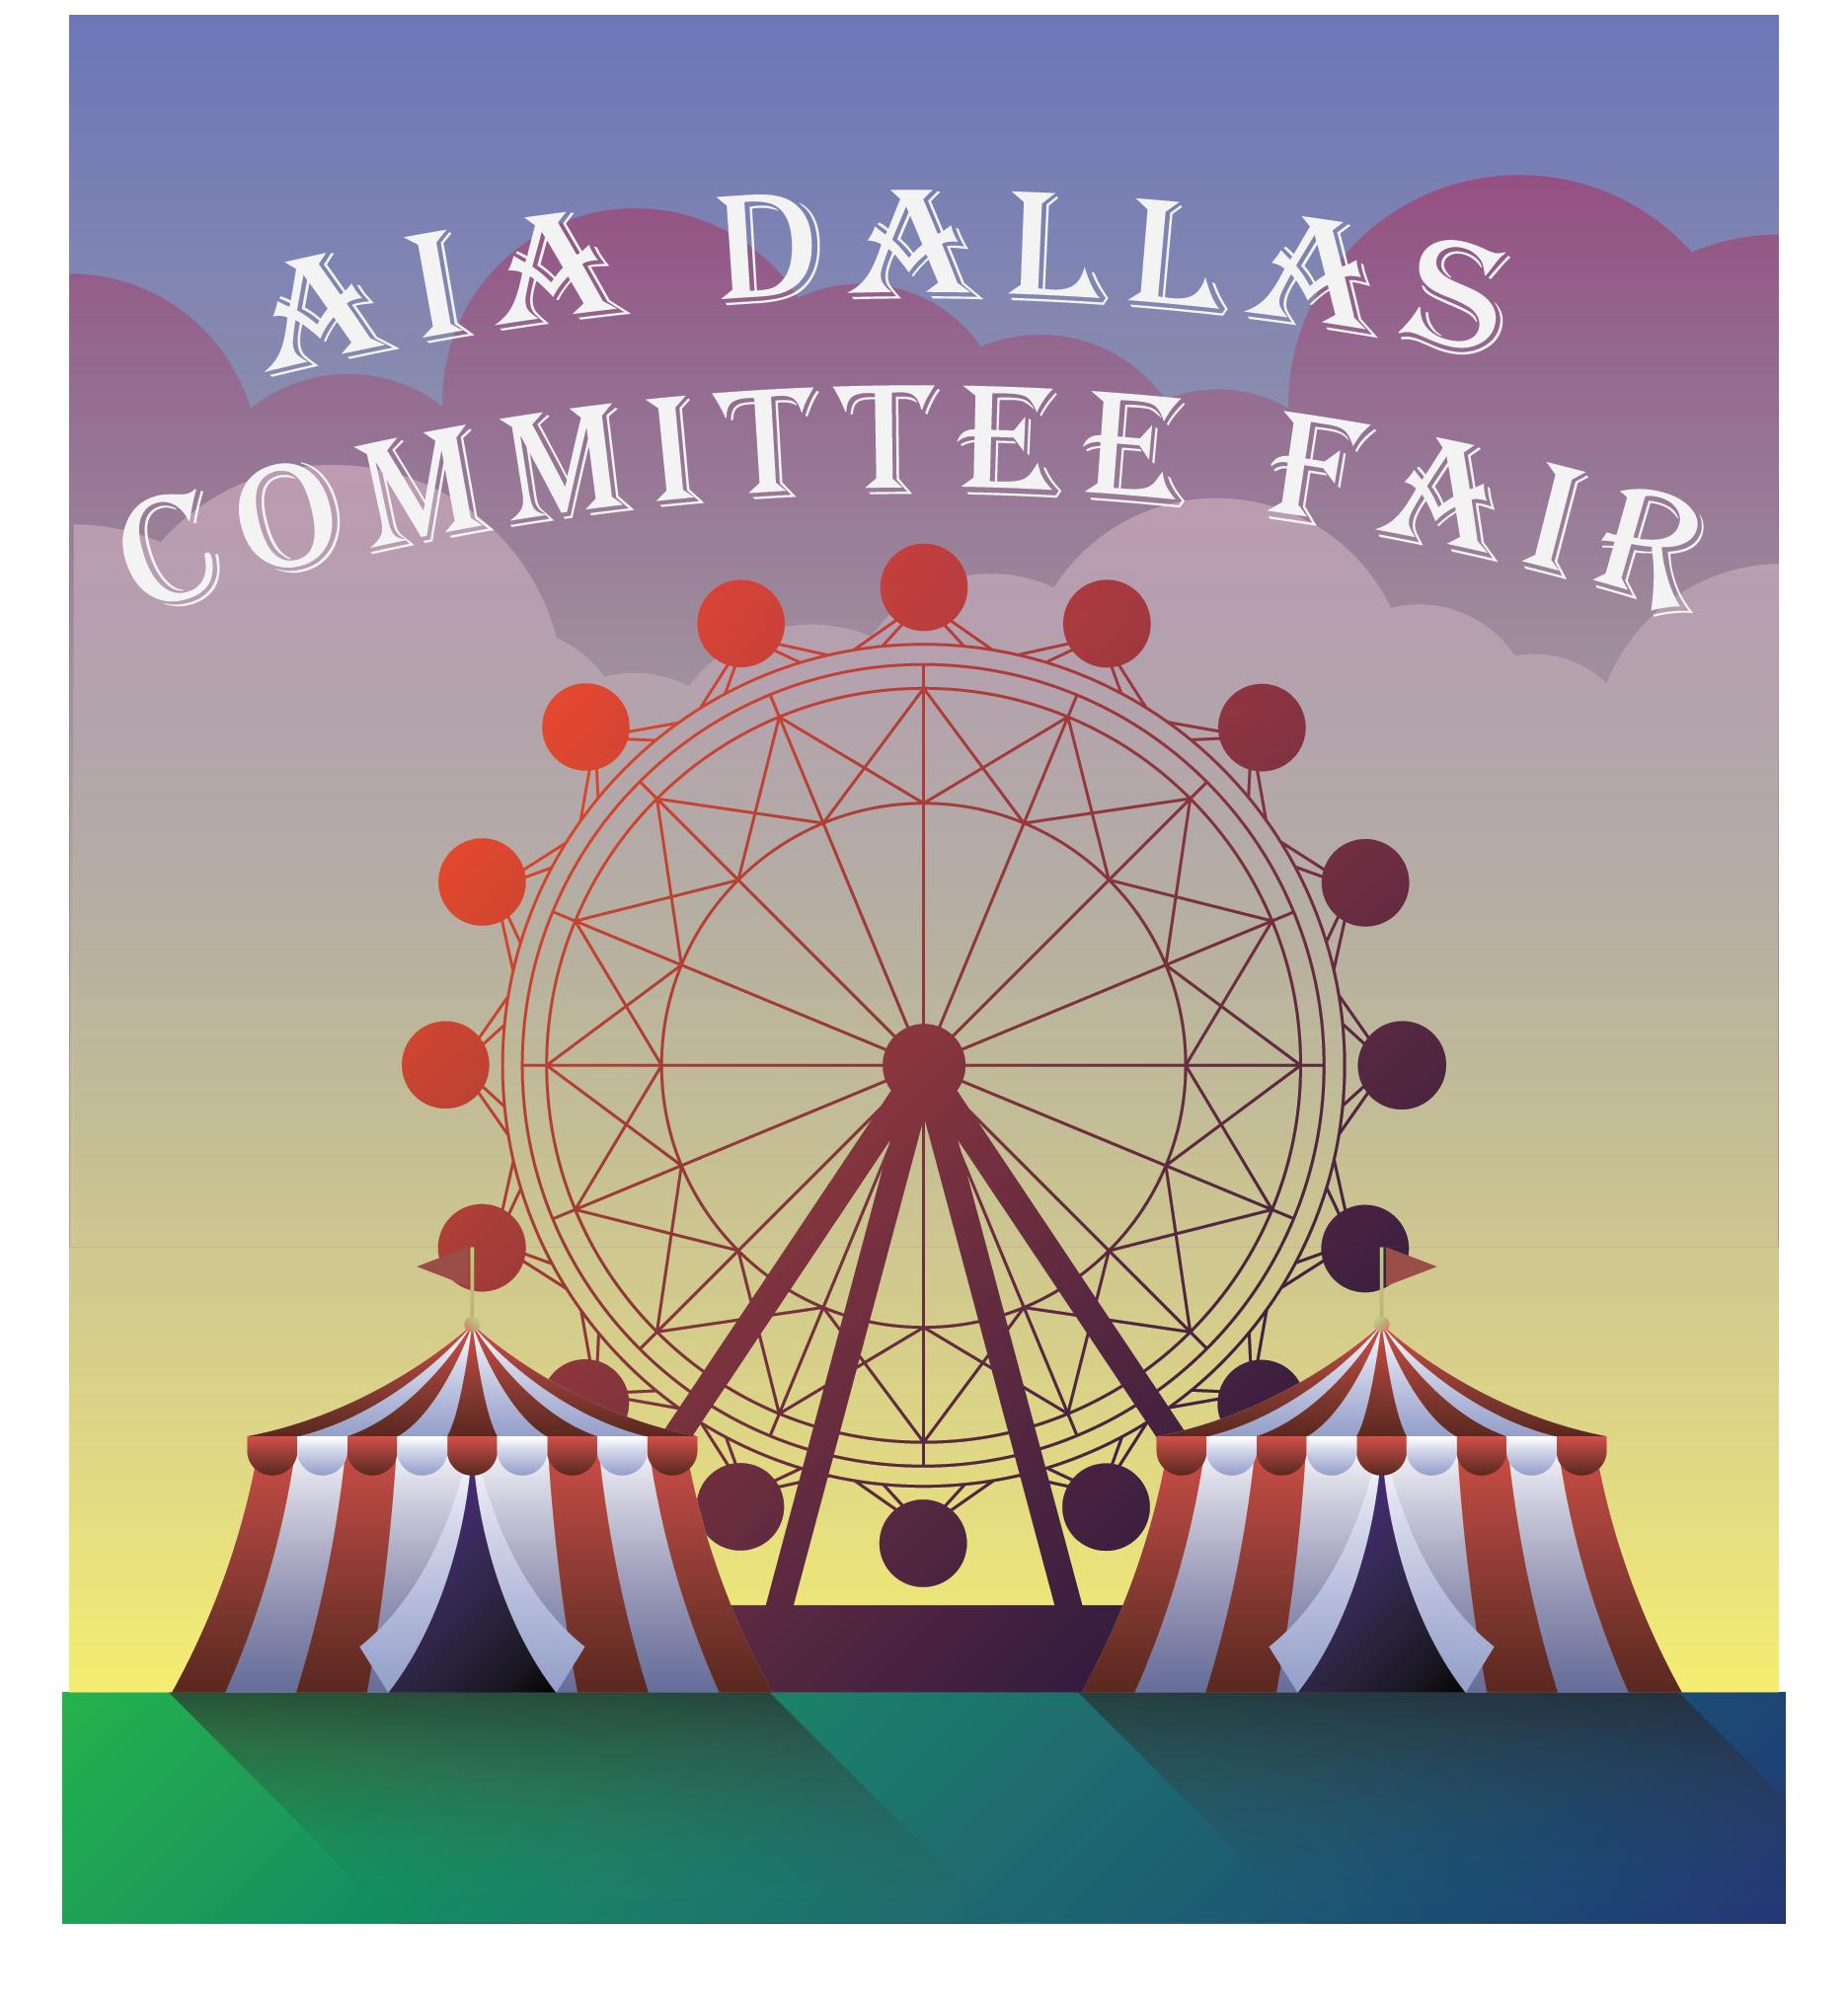 AIA Dallas Committee Fair